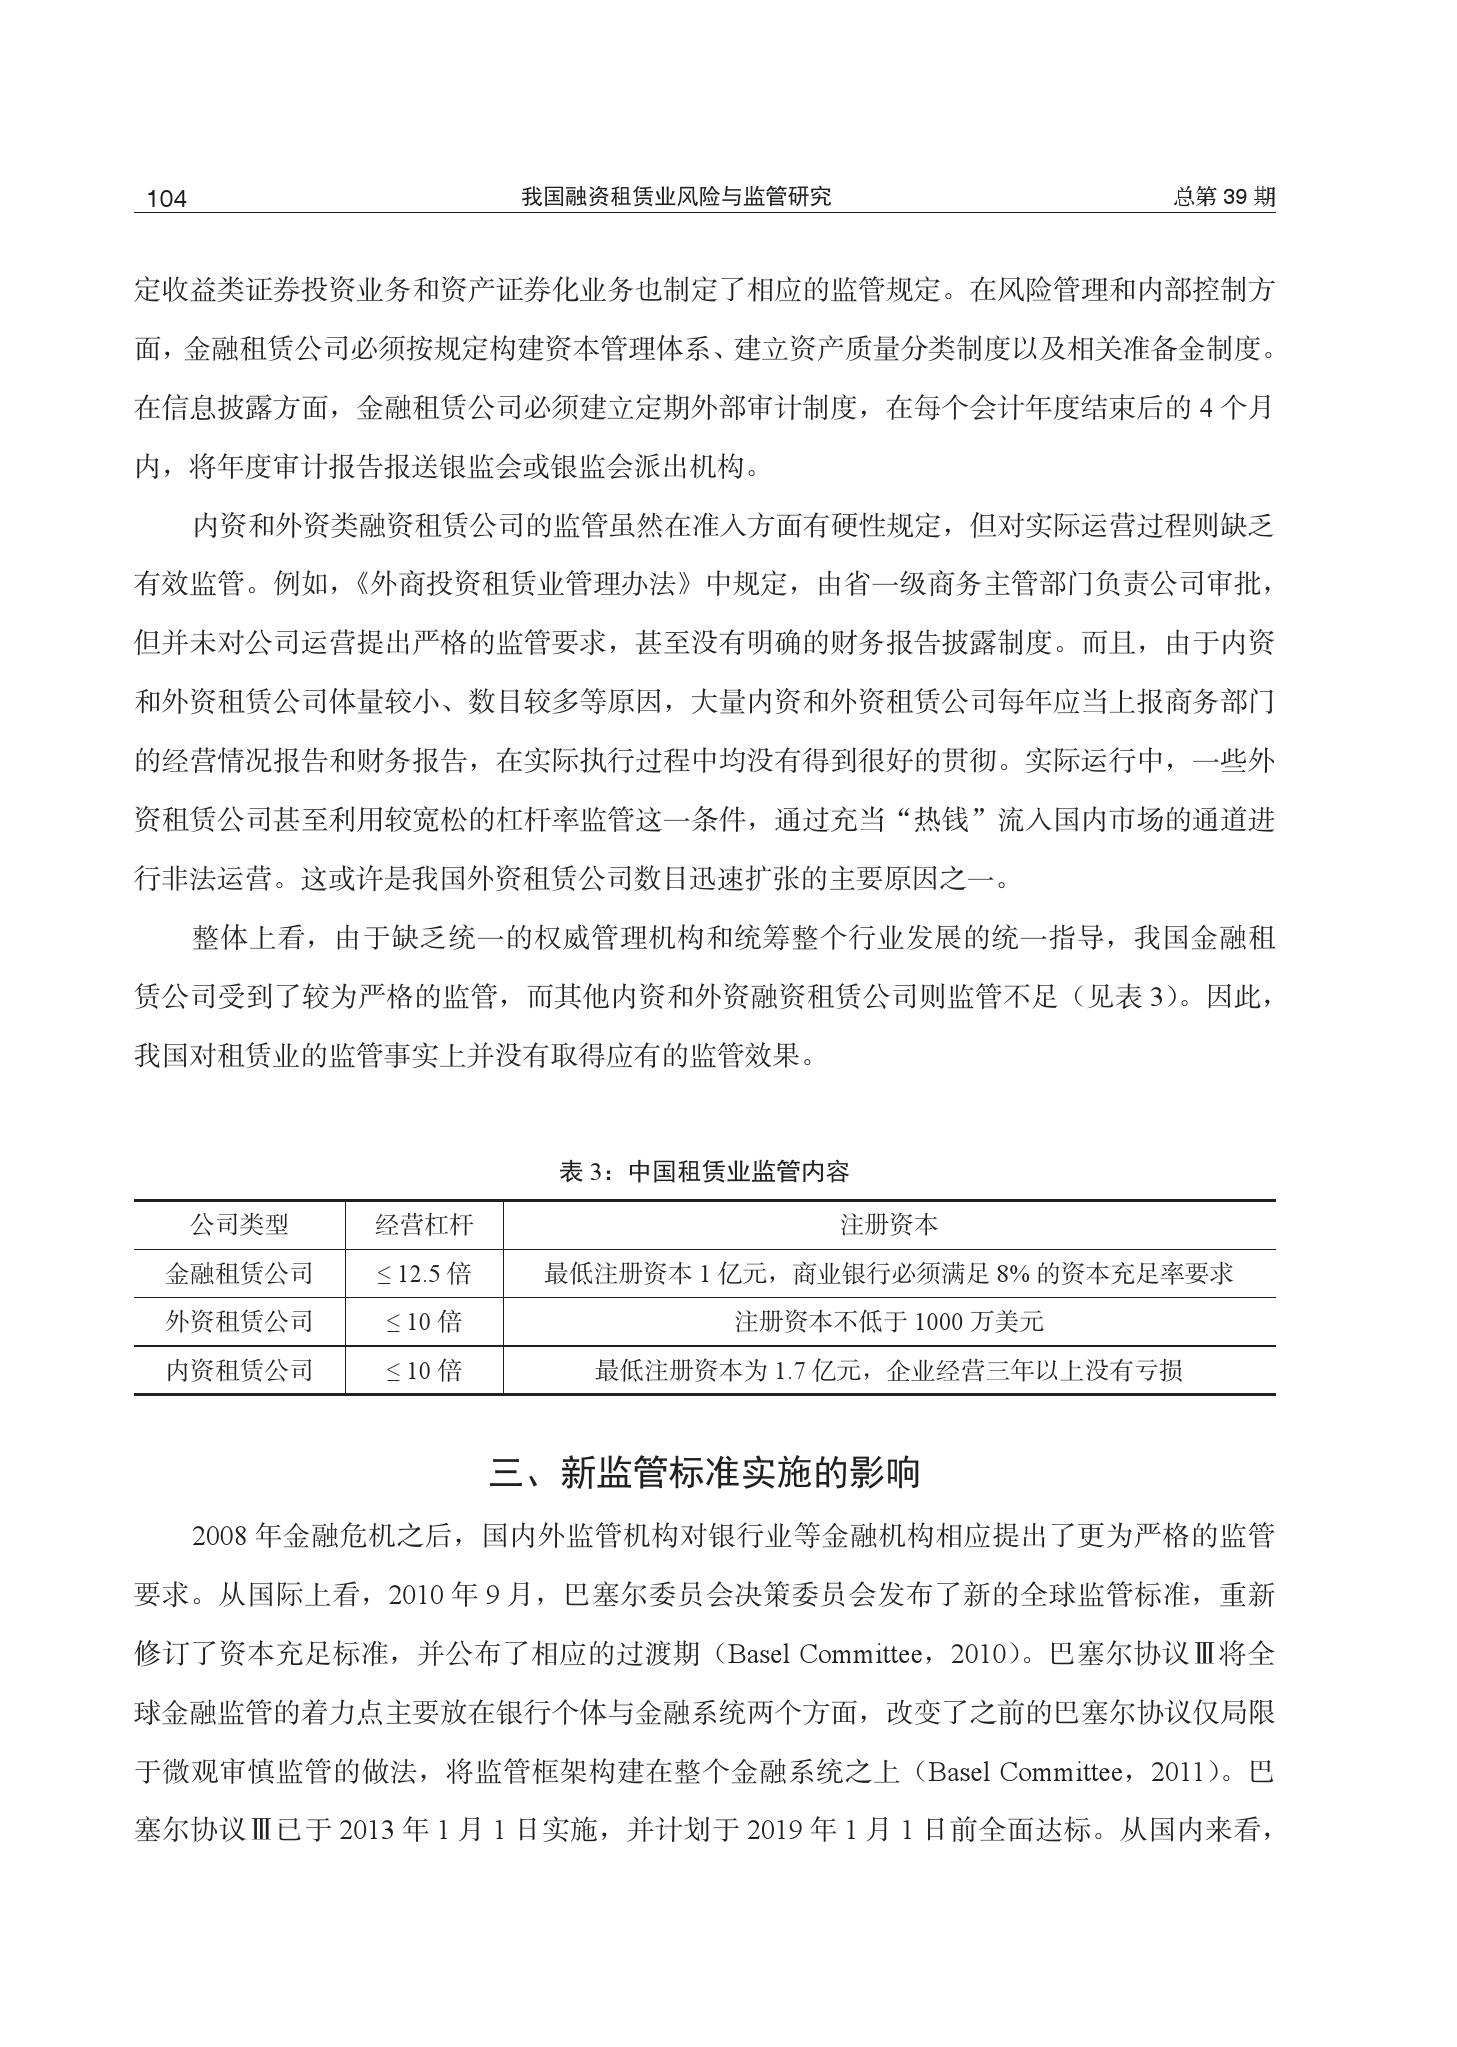 我国融资租赁业风险与监管研究_000006